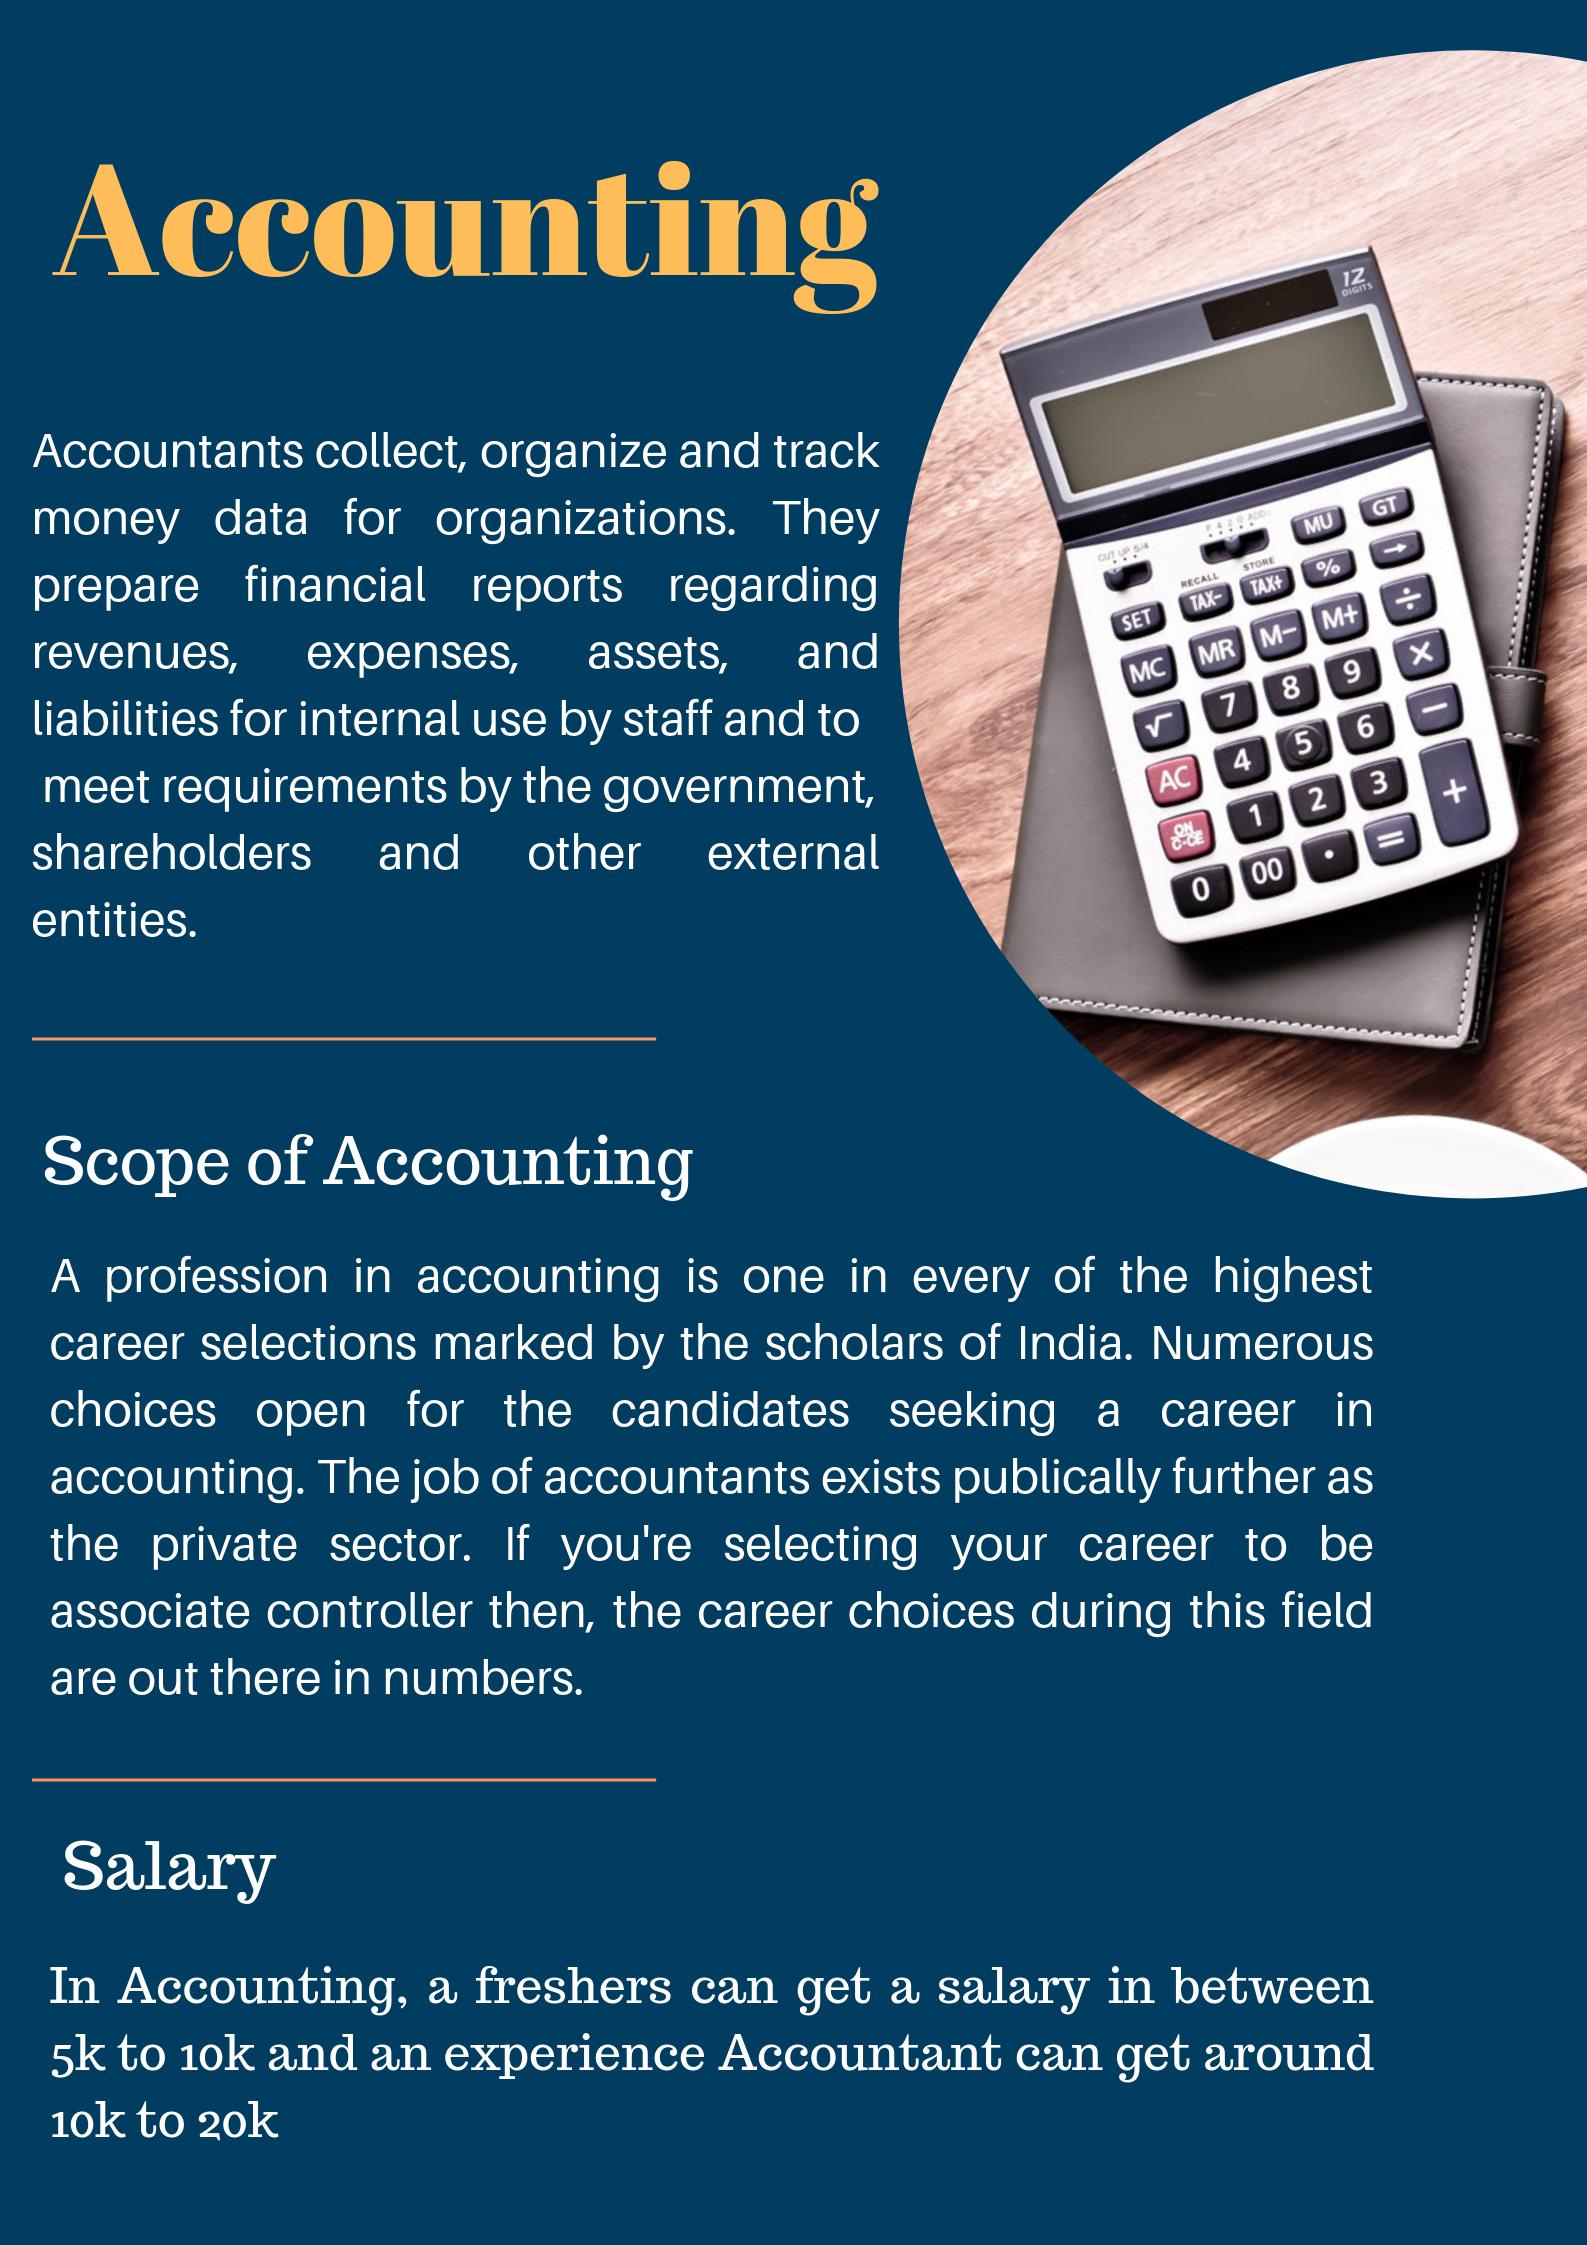 Accountant Job Description Accountants collect, organize